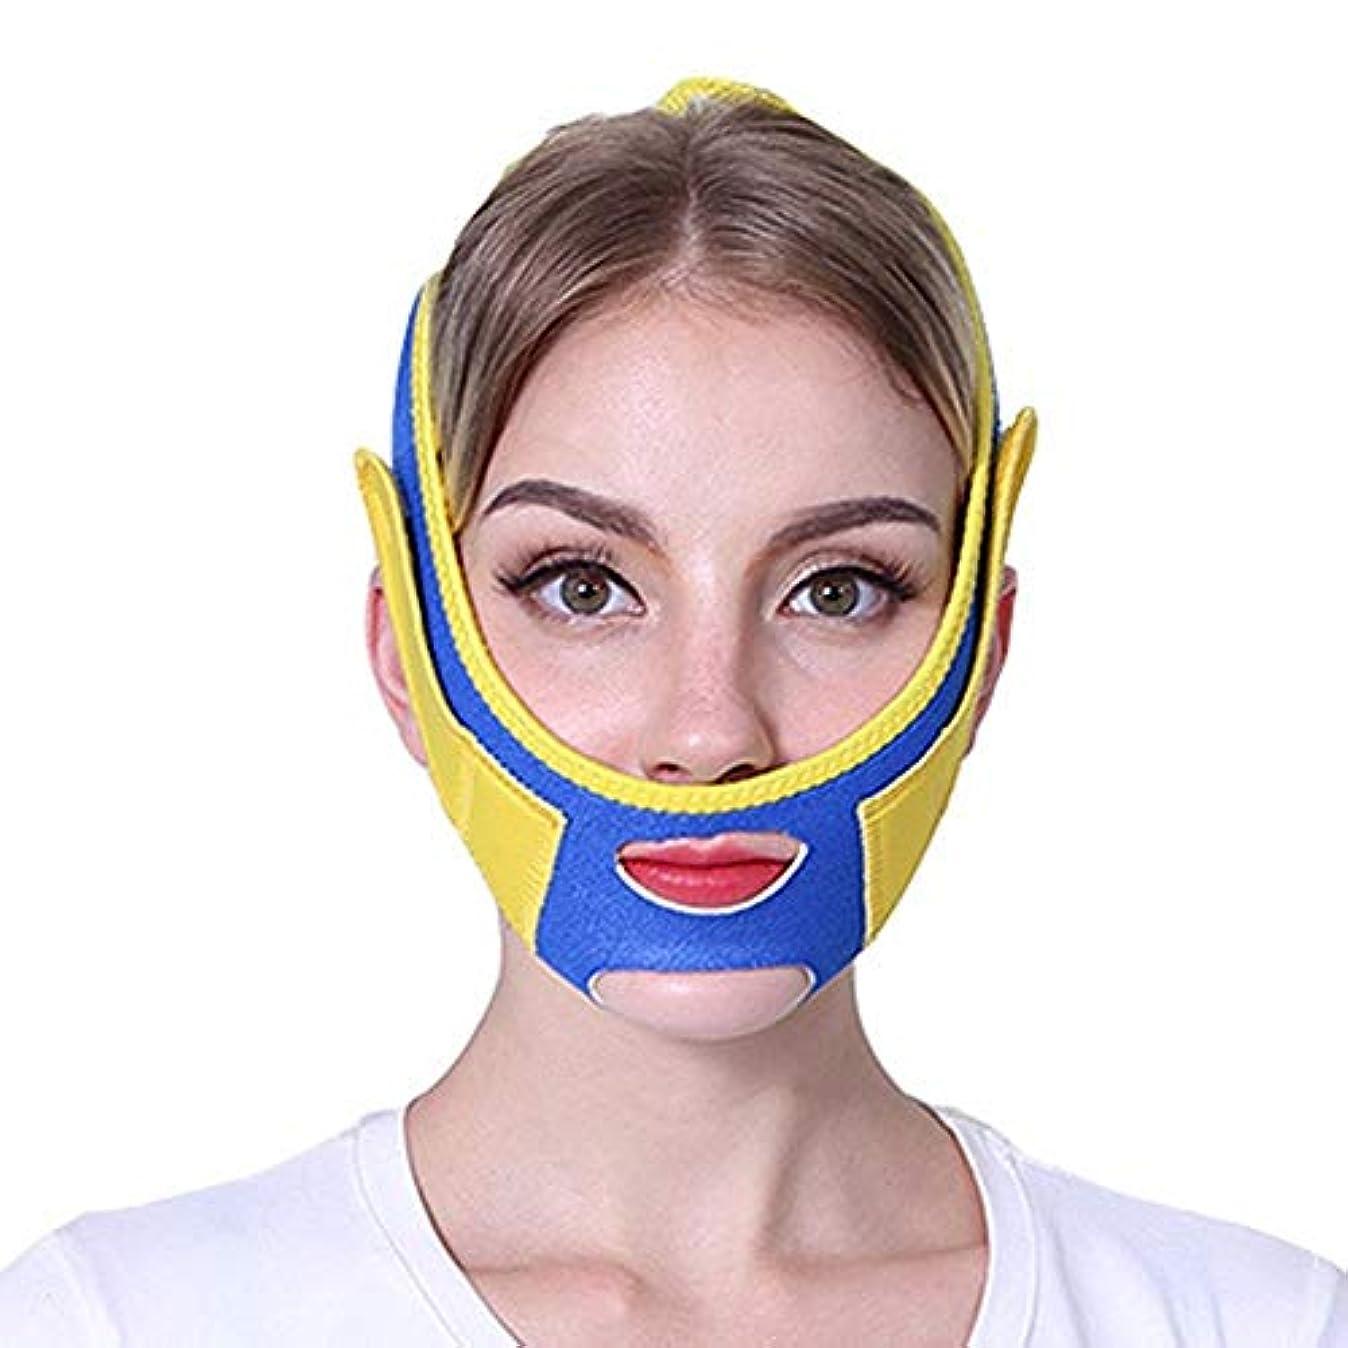 ノミネート彼女の火炎フェイスリフティング包帯、フェイシャルマッサージV字型で肌の弾力性を高め ダブルチンの美容ケアツール (Color : Blue)